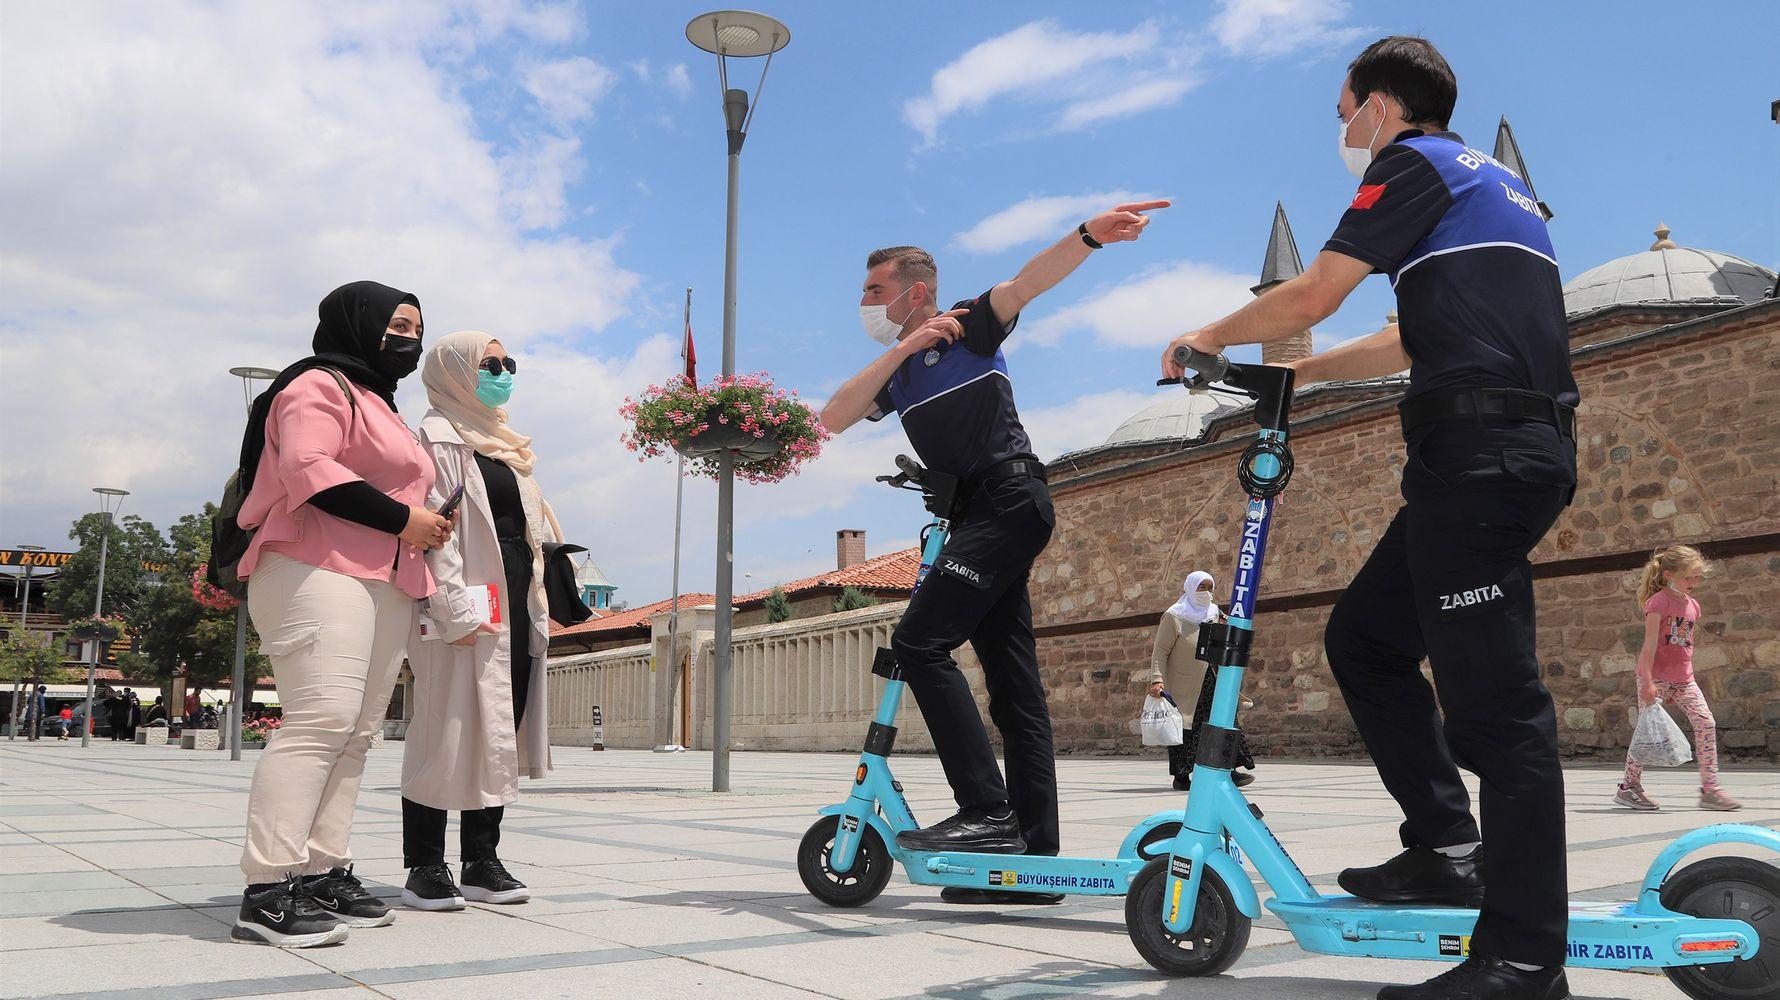 konya buyuksehir zabitasi elektrikli scooter ile hizmet veriyor